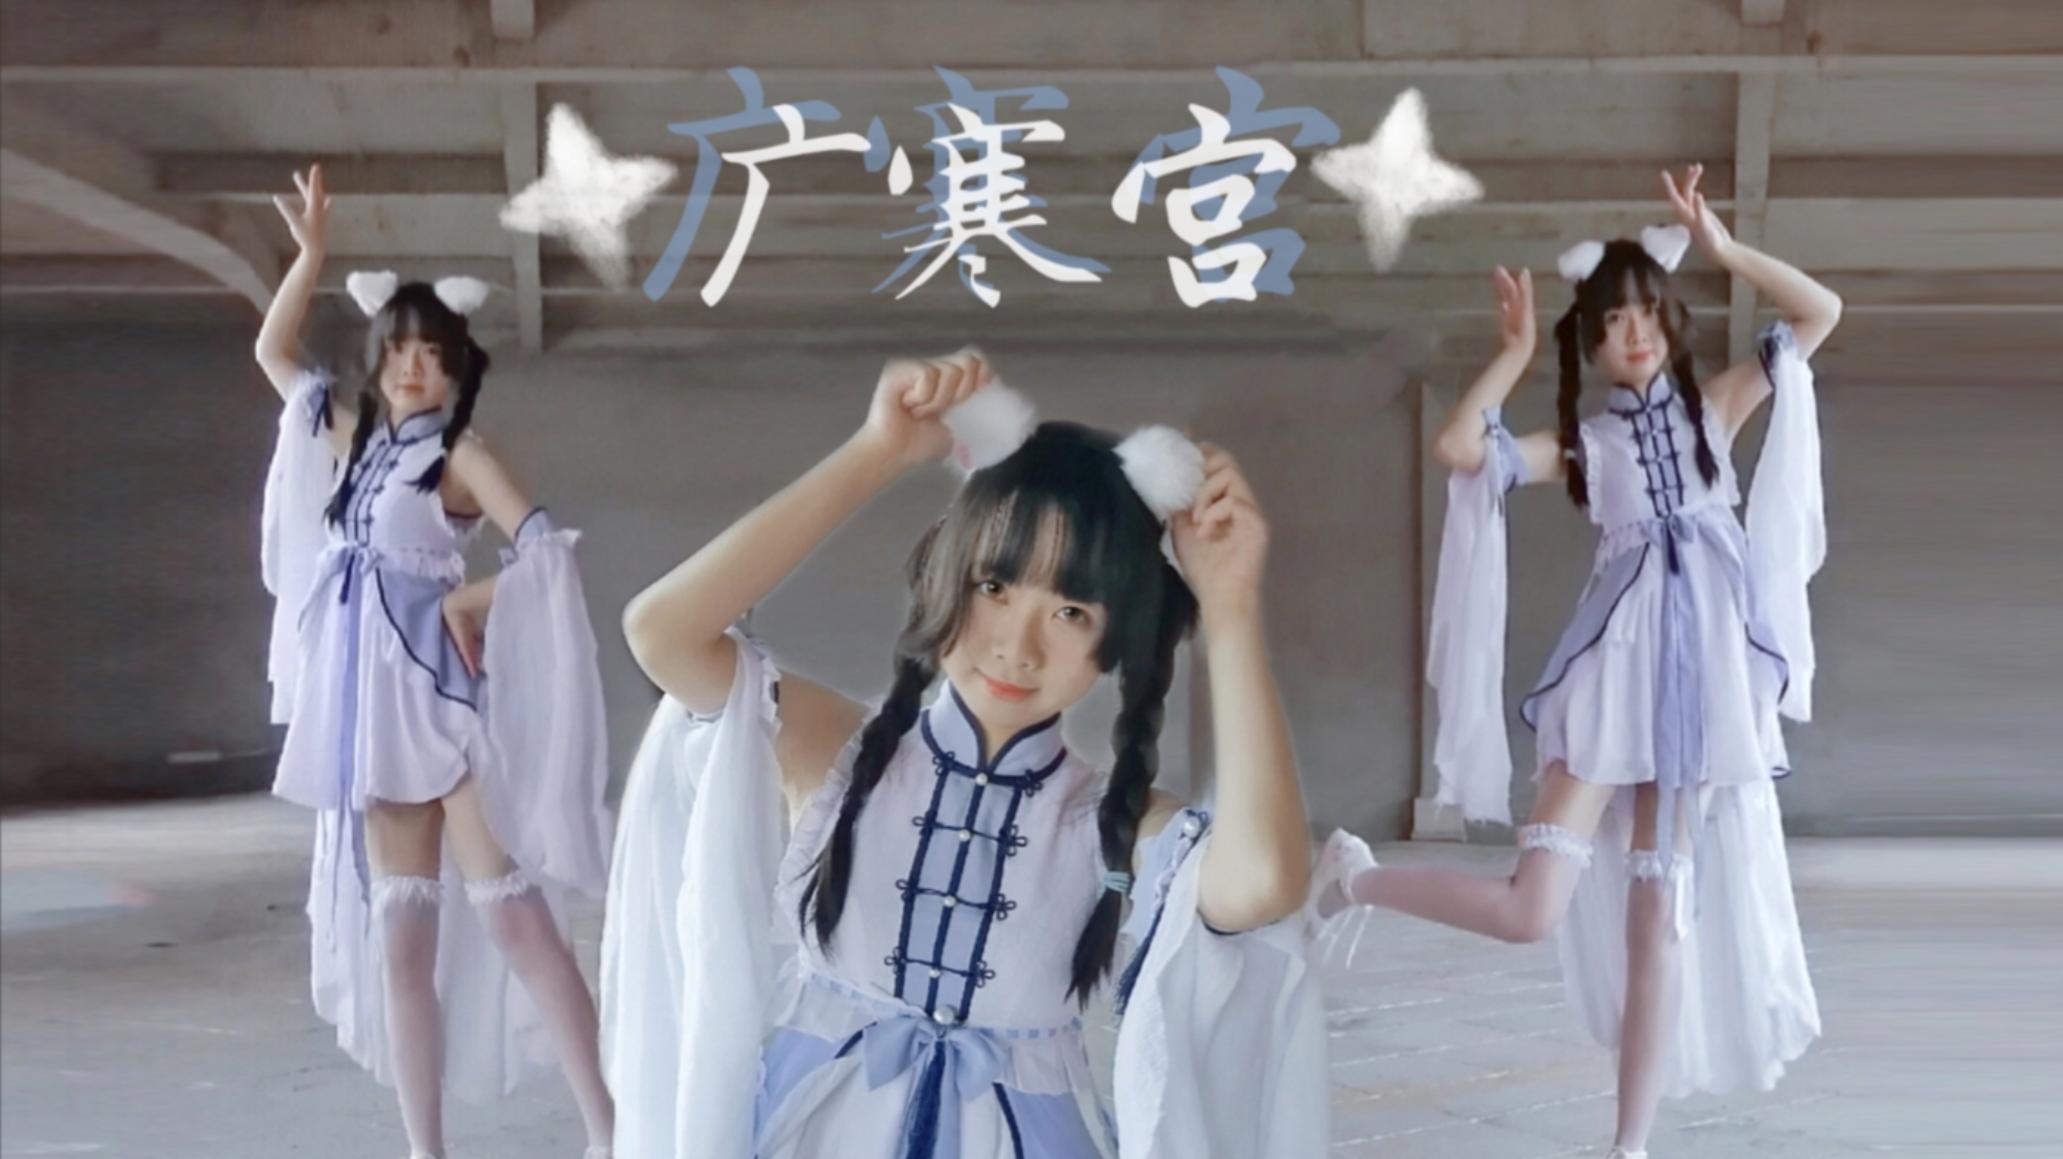 【祁小柚】广寒宫/下凡来跳舞啦